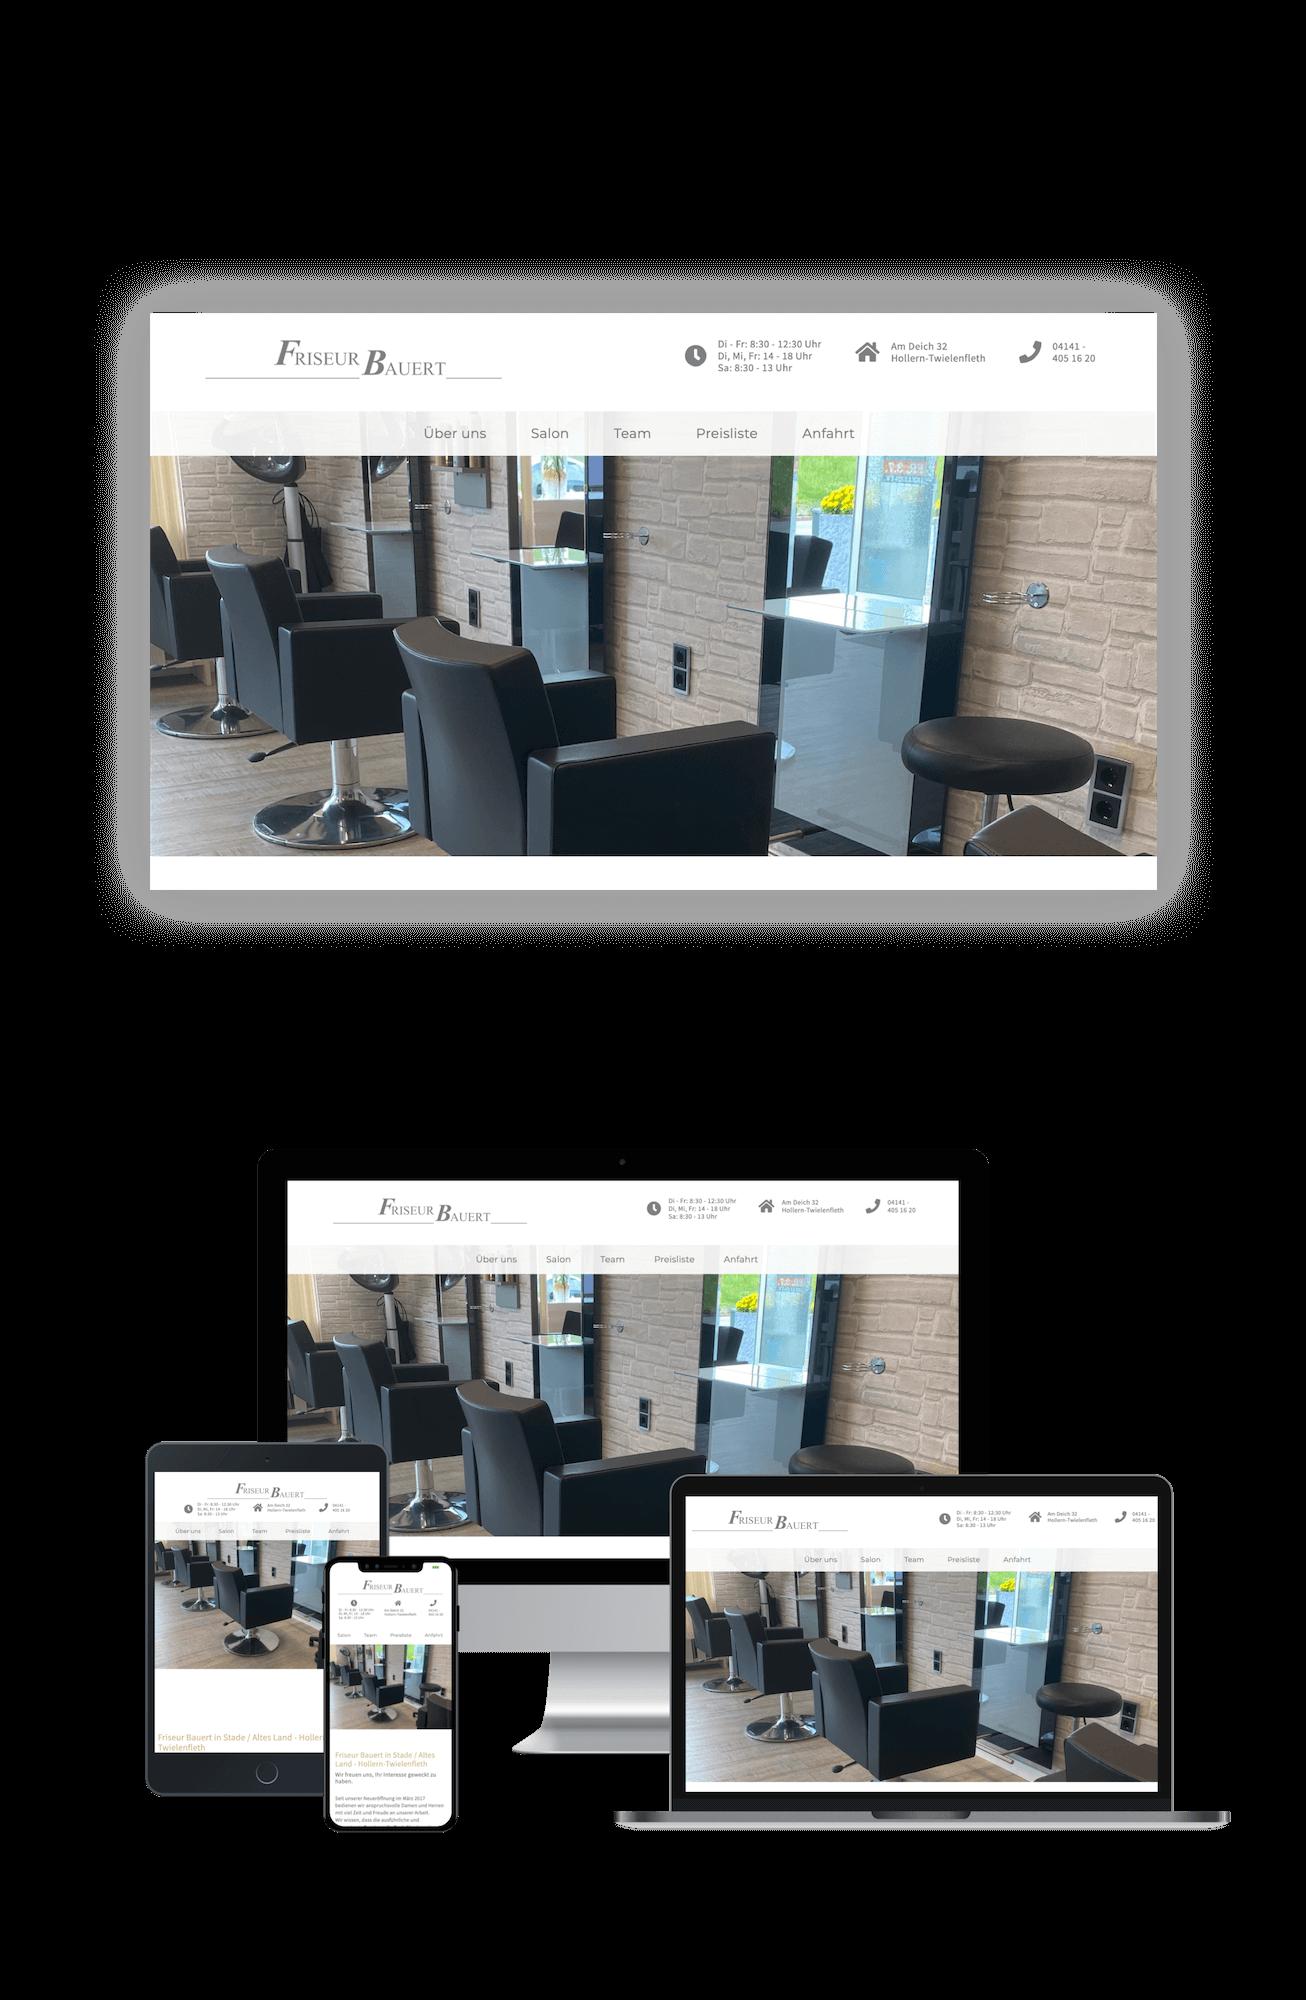 Friseur Bauert Portfolio Webdesign